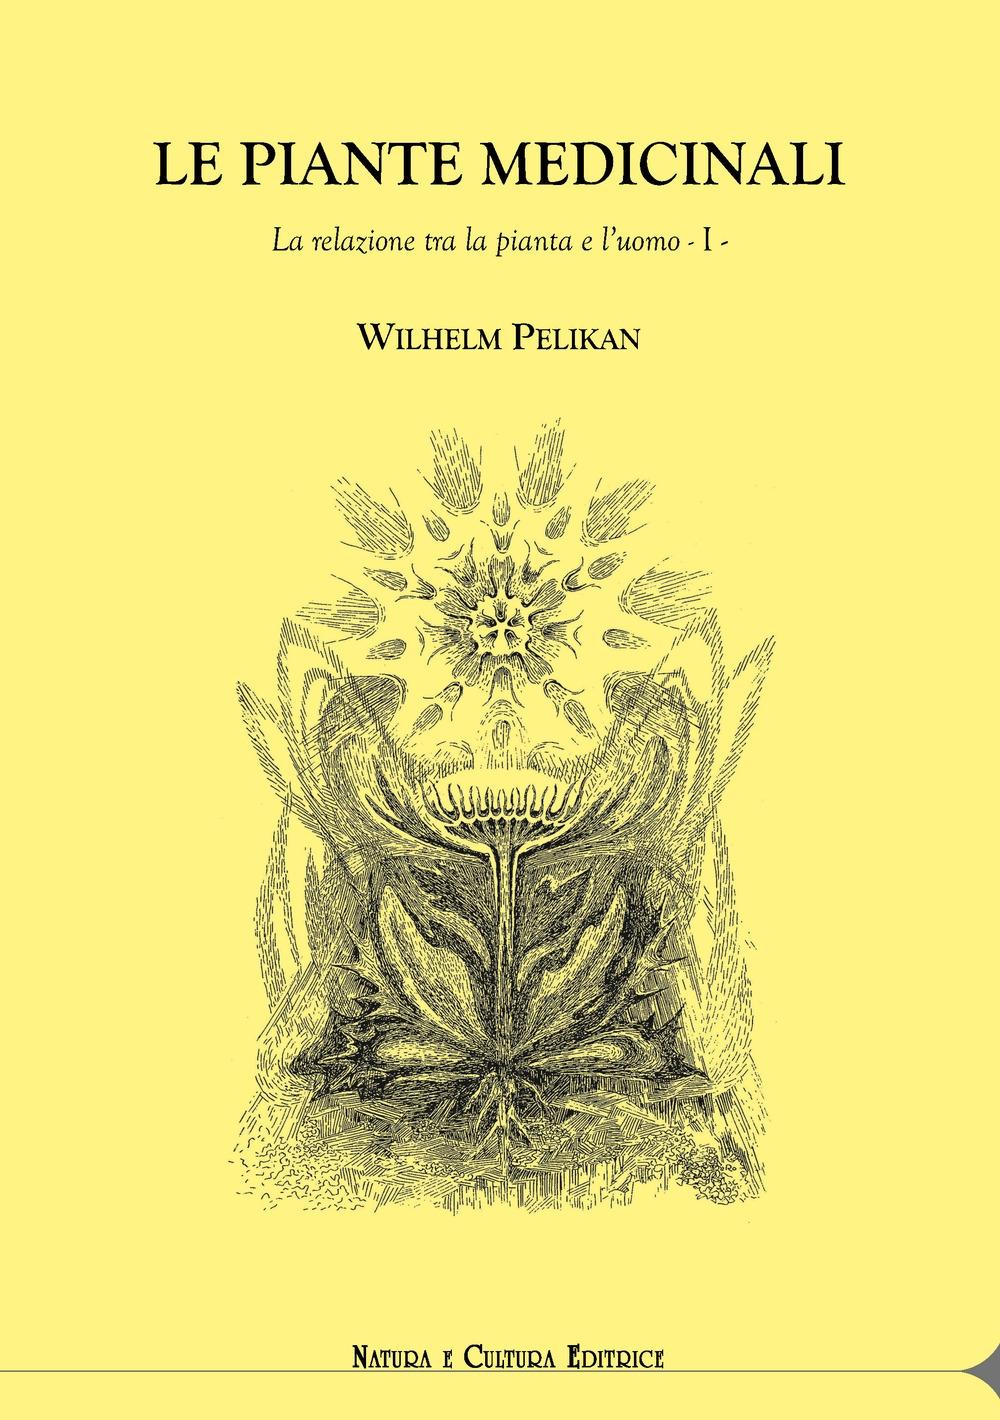 Le piante medicinali. La relazione tra la pianta e l'uomo. Vol. 1